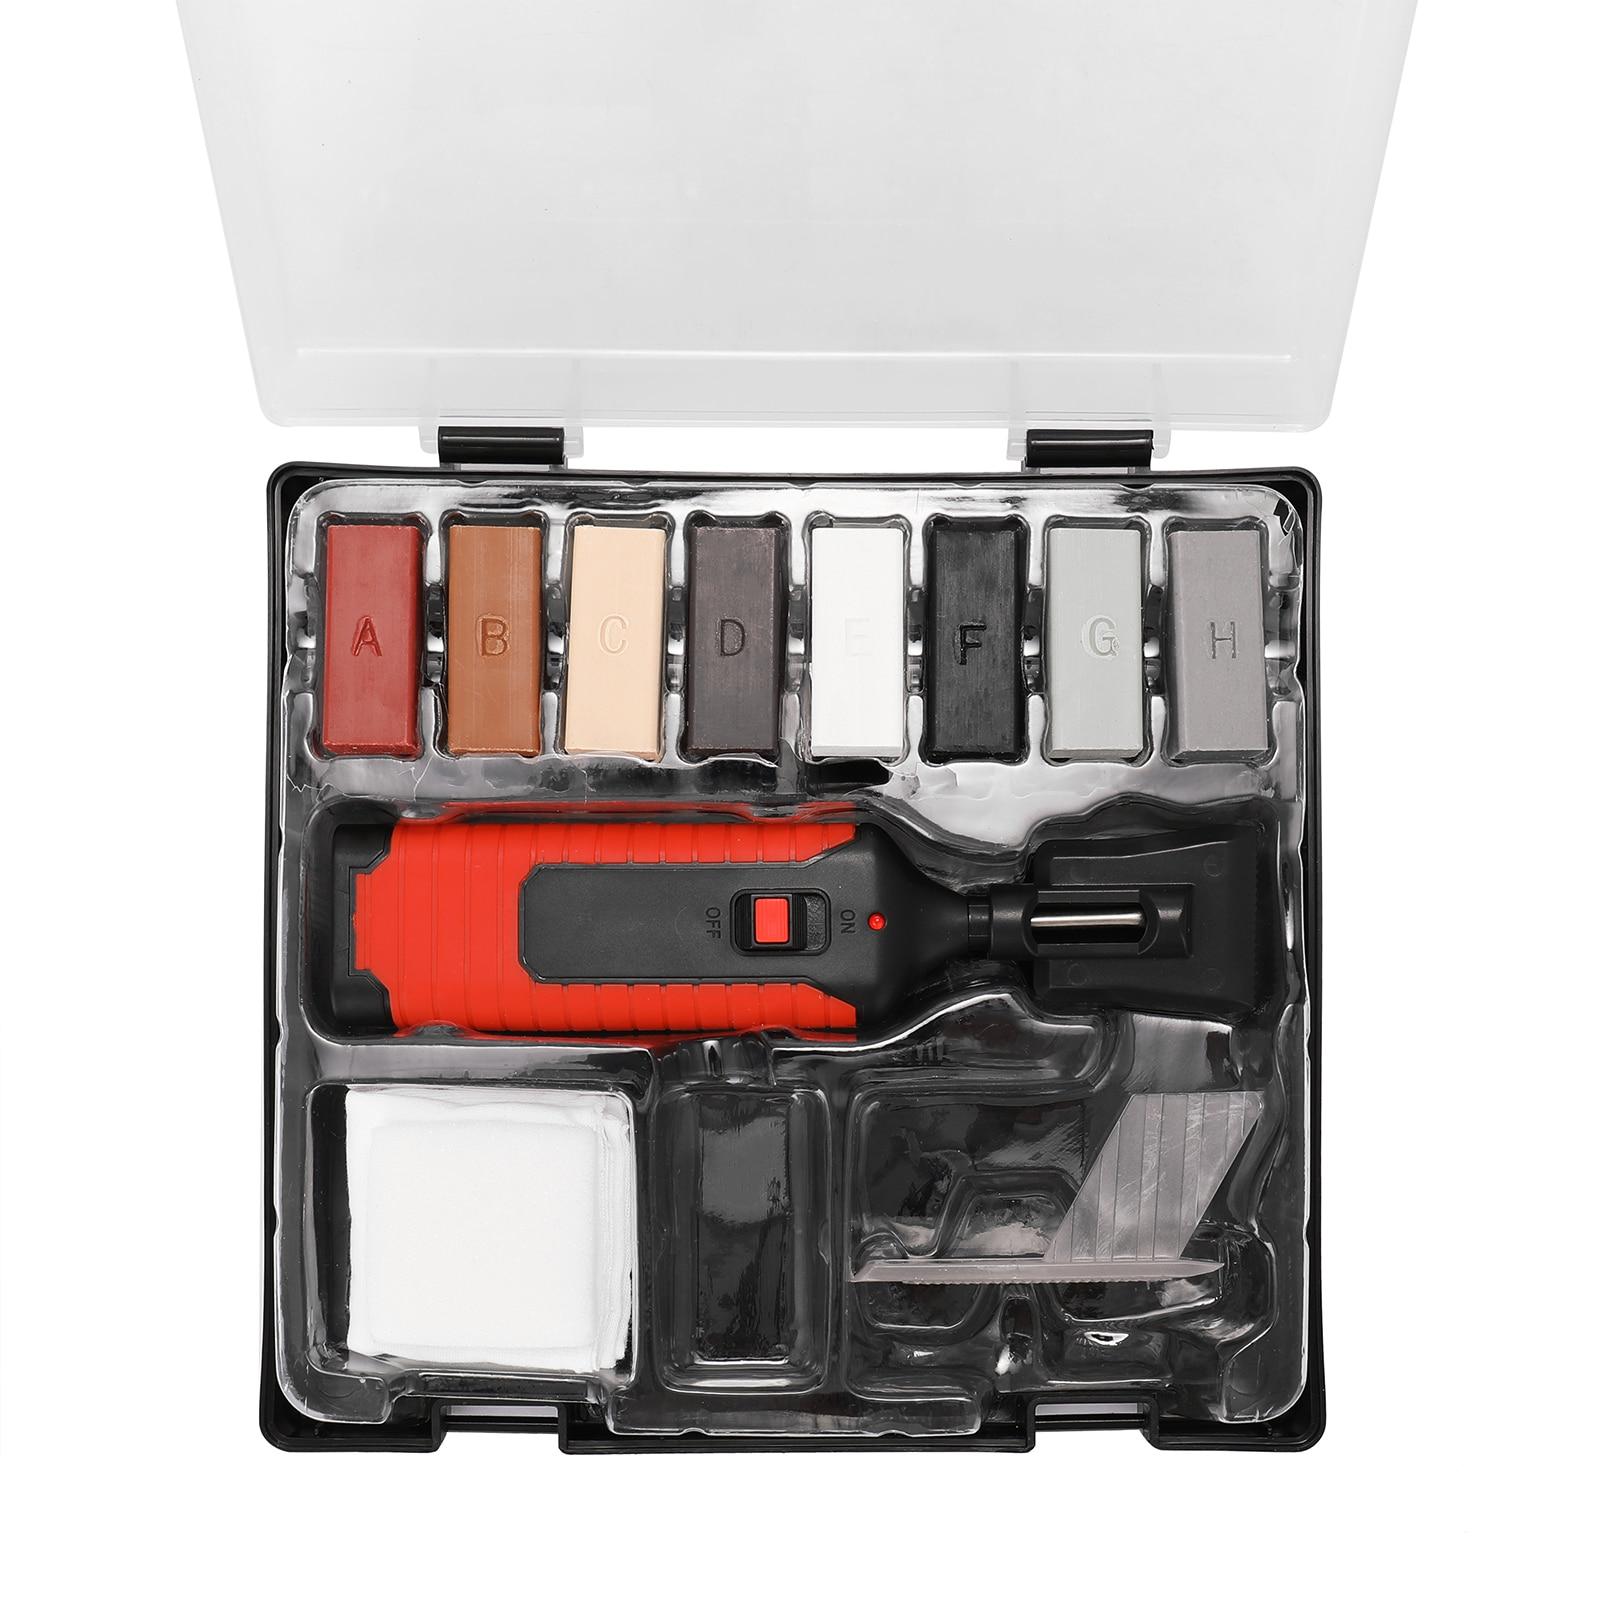 طقم أدوات إصلاح سيراميك متعدد الوظائف لتقوم بها بنفسك طقم أدوات إصلاح أدوات منزلية منزلية مريحة توفير العمالة